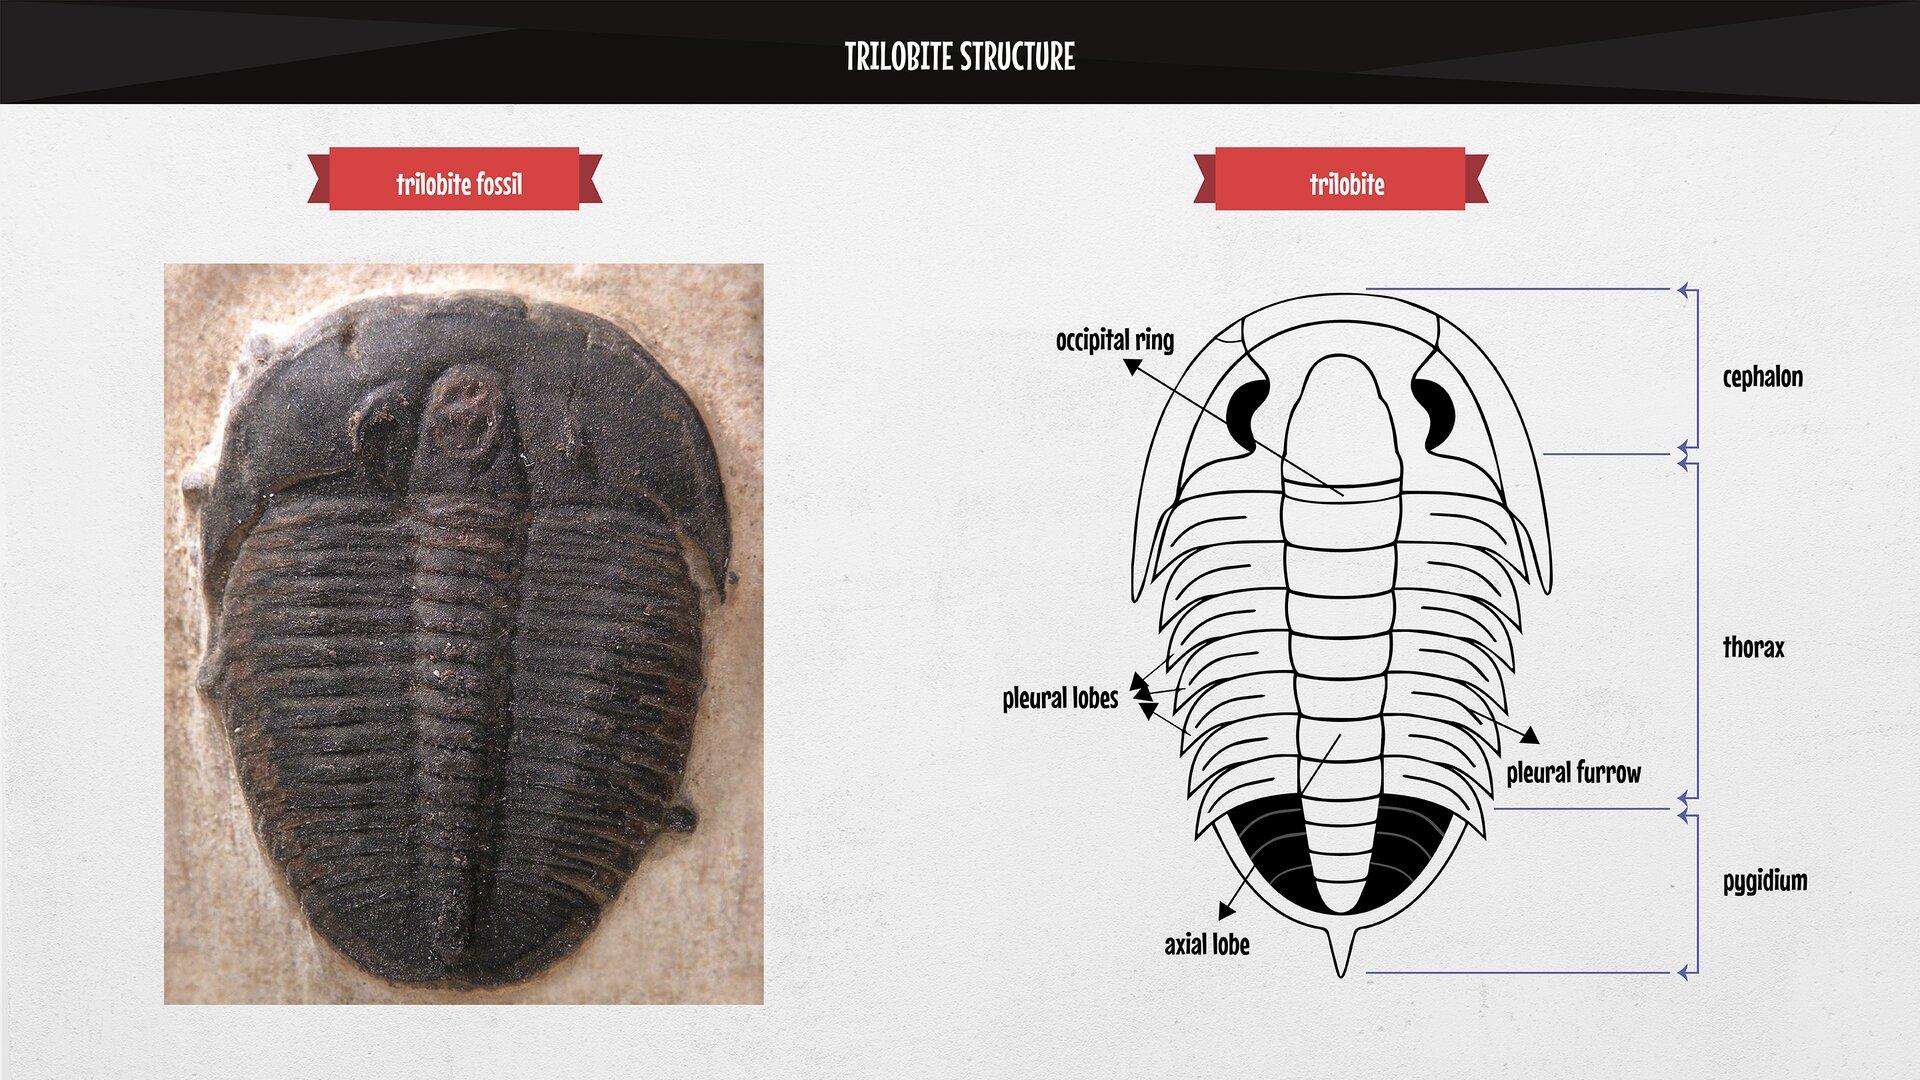 The image presents the structure of atrilobite, together with the description of its cephalon, thorax, pygidium. Rysunek przedstawia budowę trylobita zopisem tarczy głowowej, tułowiowej iogonowej.